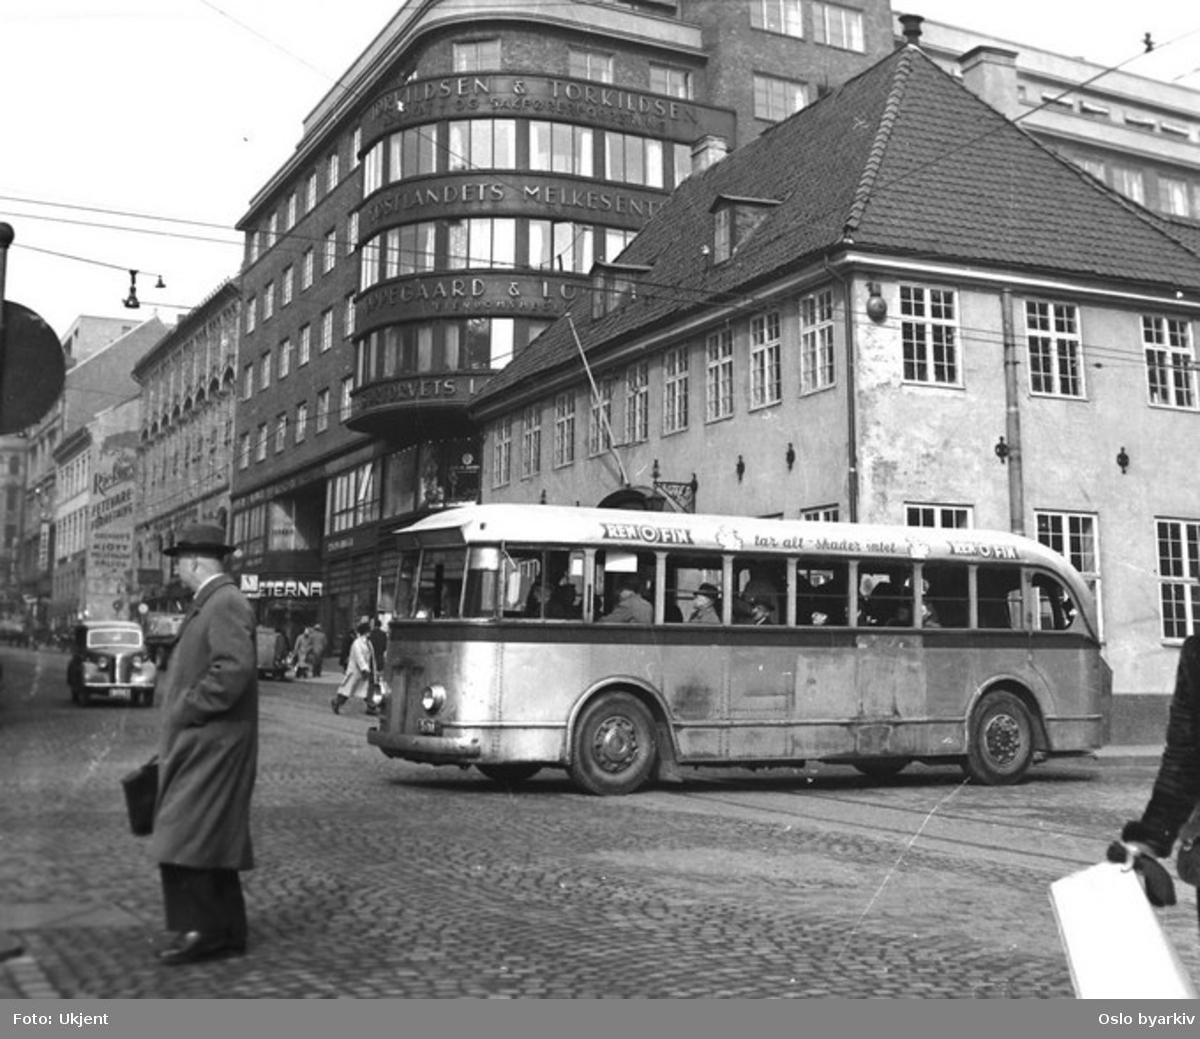 Turbinbuss (utstyrt med bensinmotor. Det fantes trolleybusser med samme karosseri), linje 18 i krysset Møllergata - Grensen ved Stortorvet. Stortorvets Gjæstgiveri.